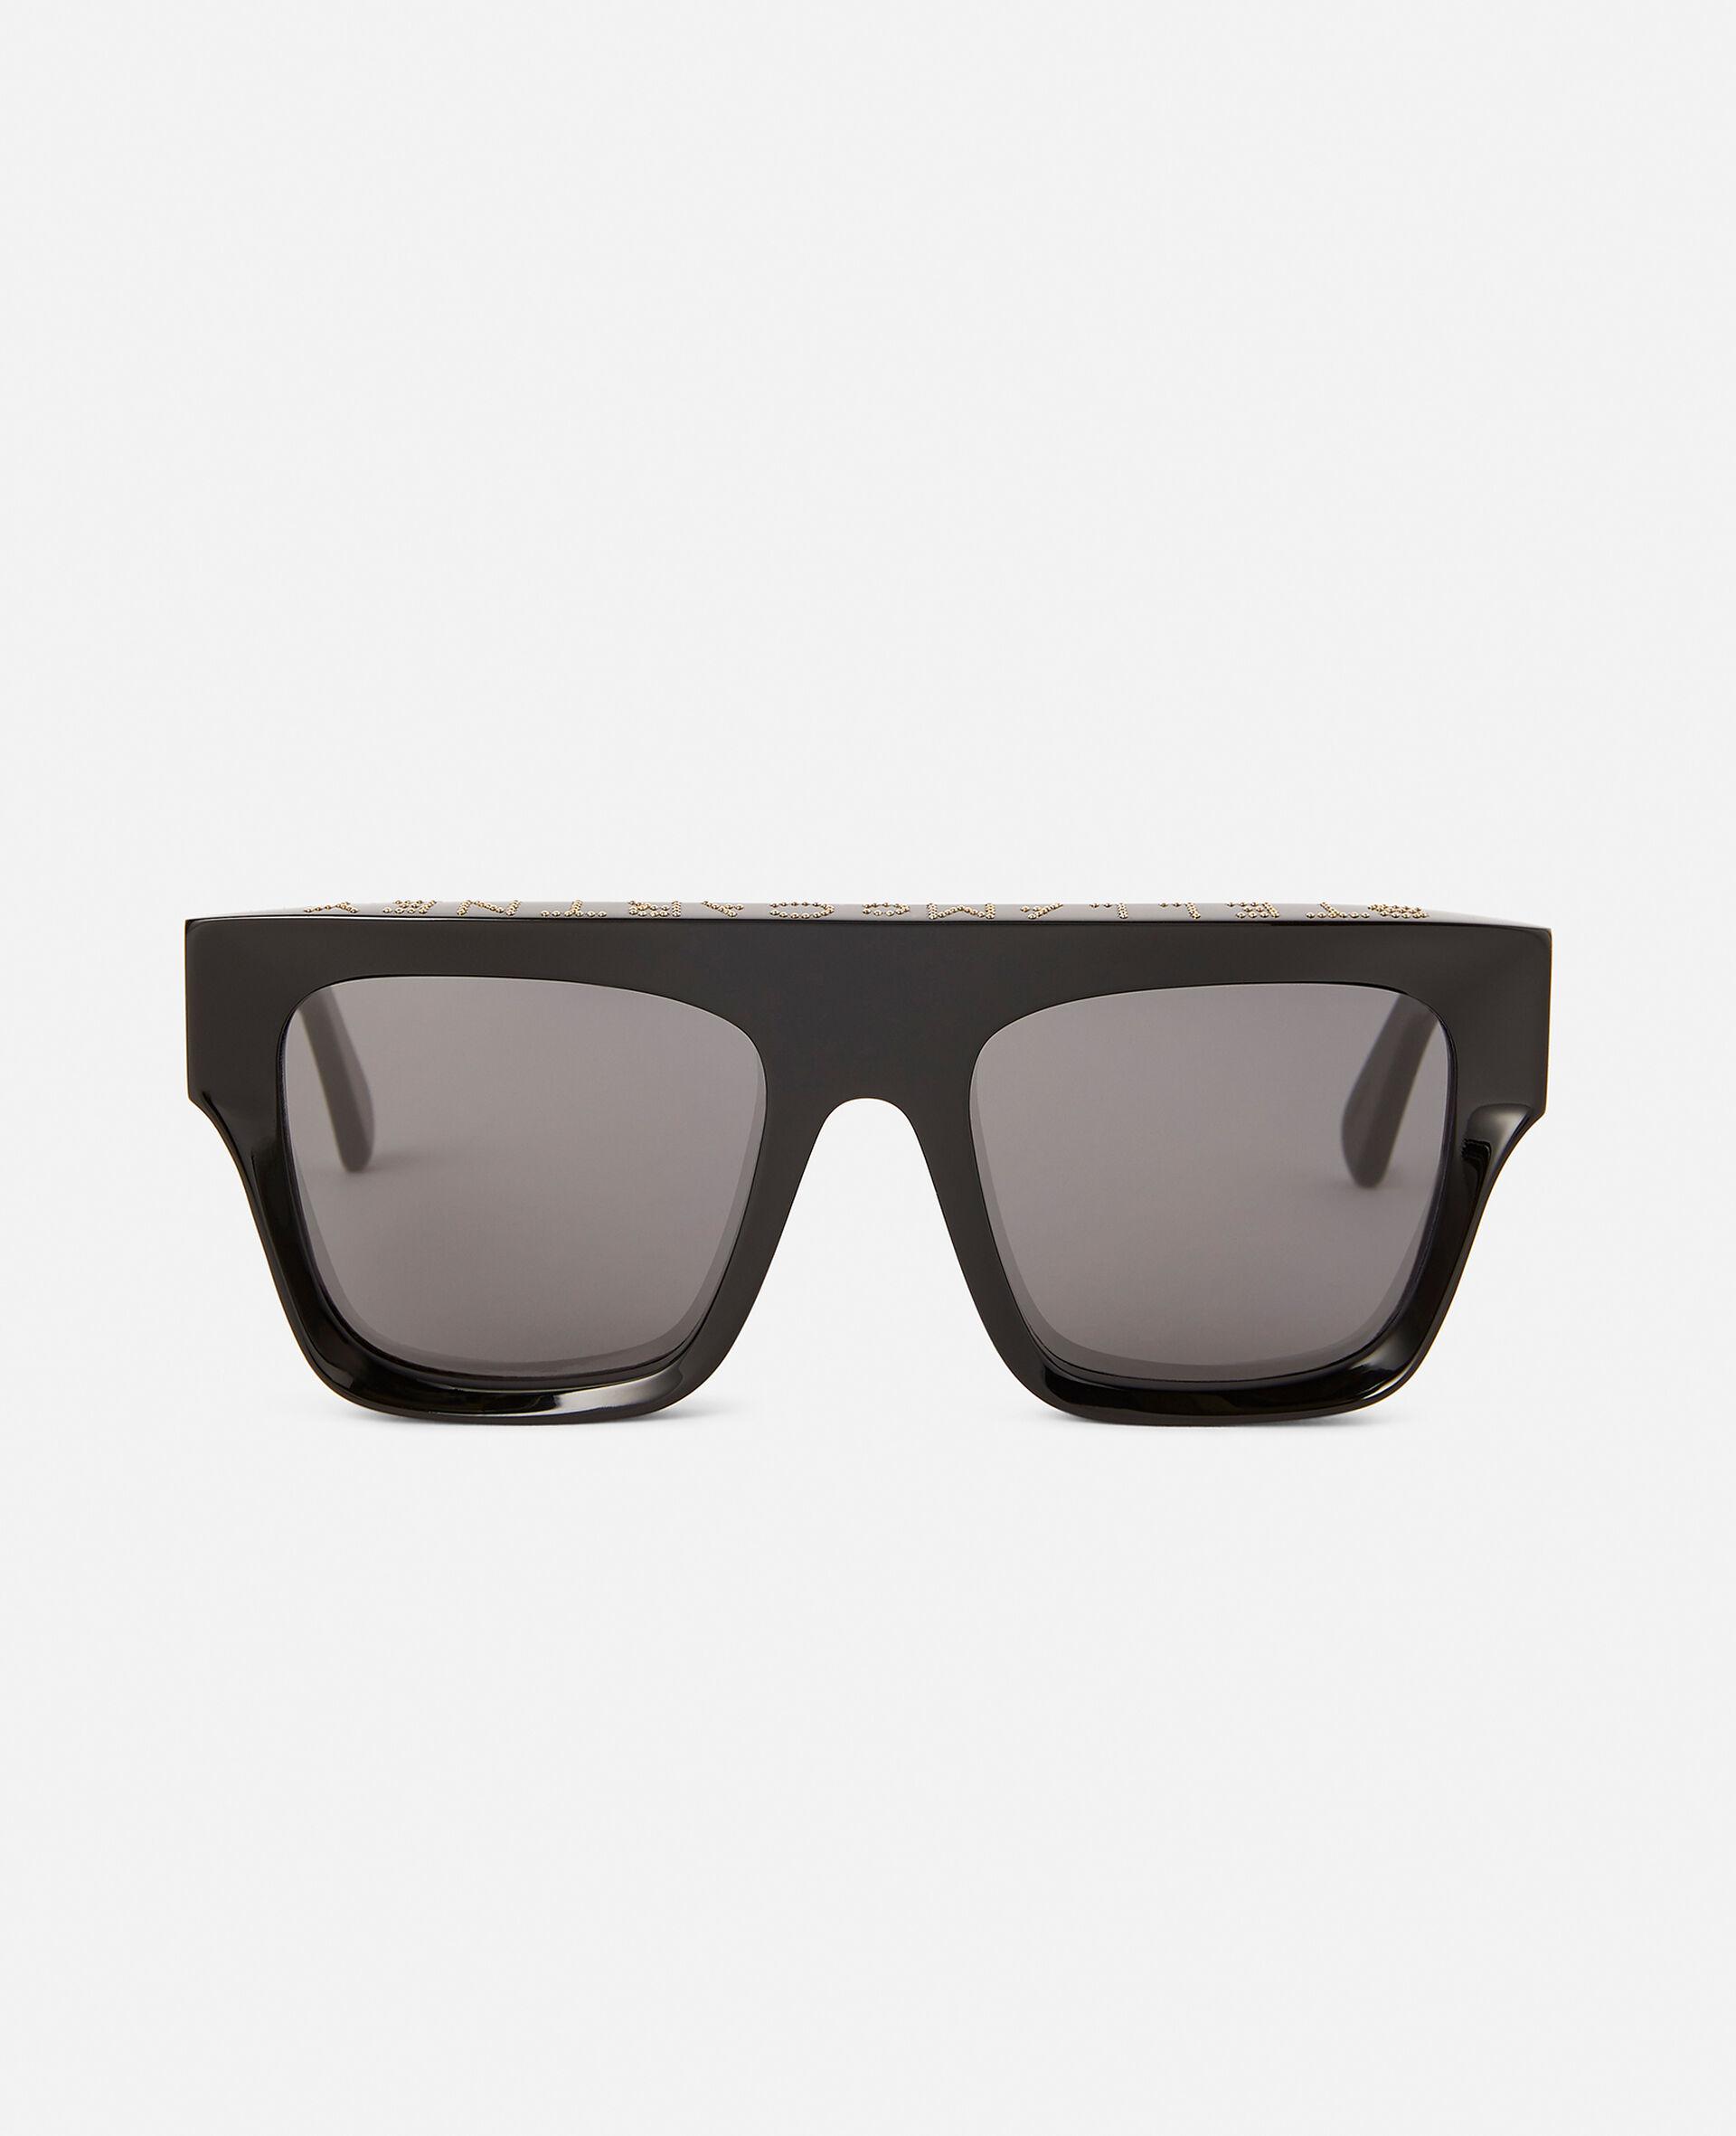 Shiny Black Square Sunglasses-Black-large image number 2